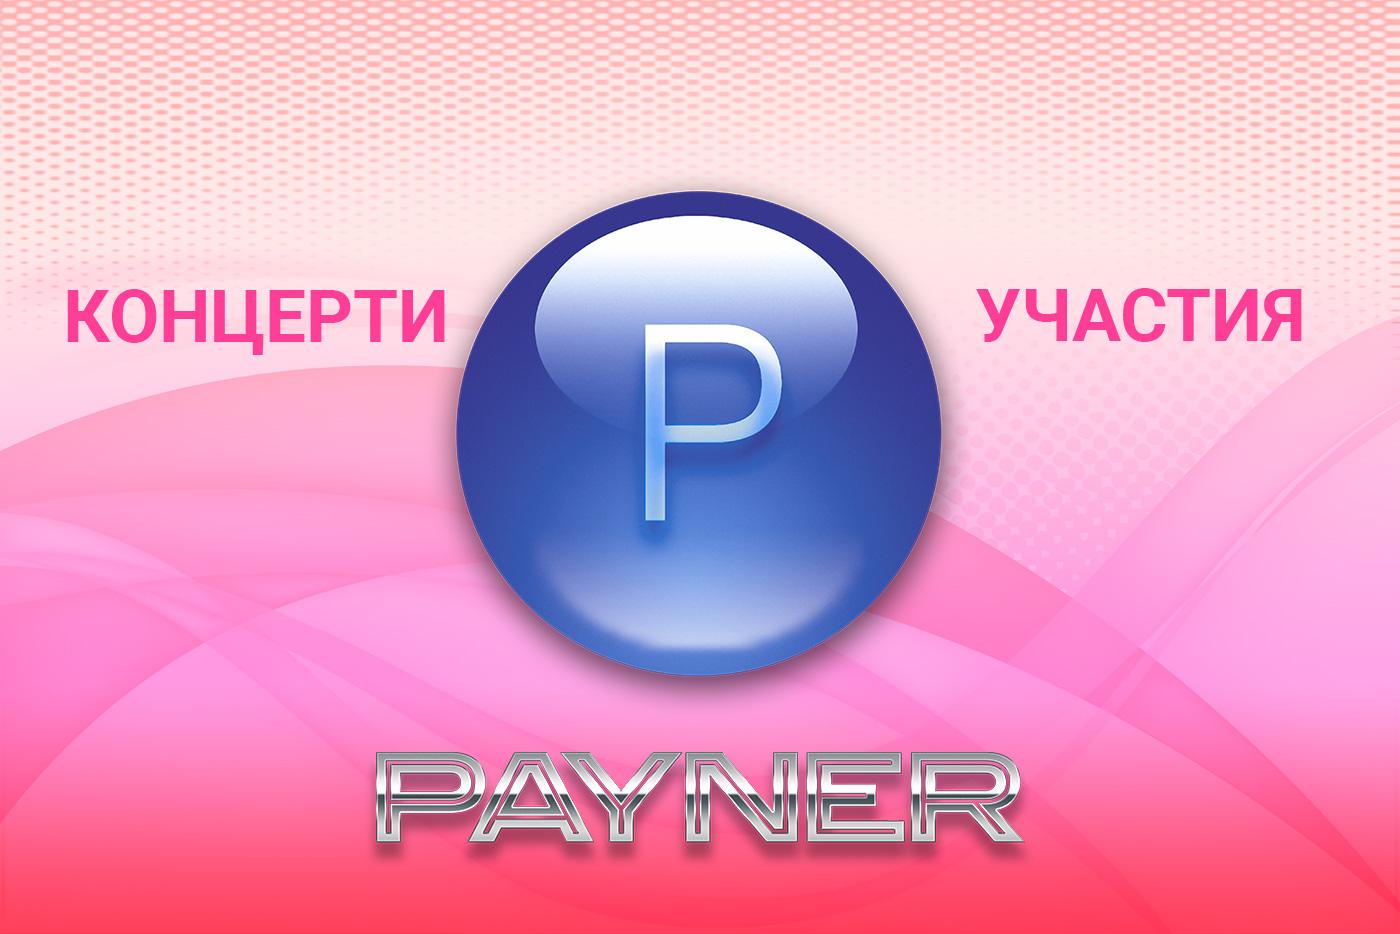 """Участия на звездите на """"Пайнер"""" на 16.07.2019"""